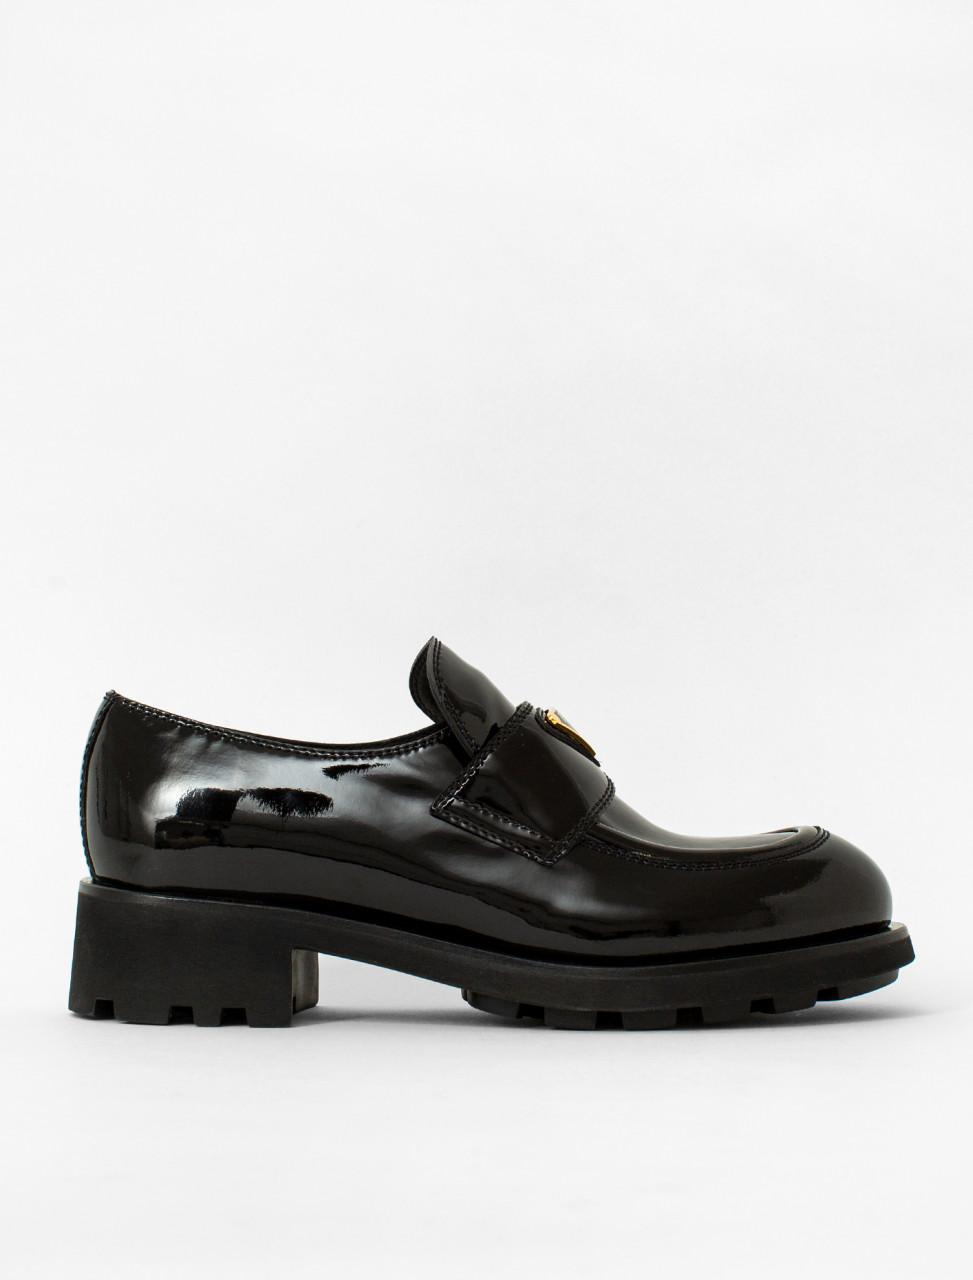 Platform Patent Leather Loafer